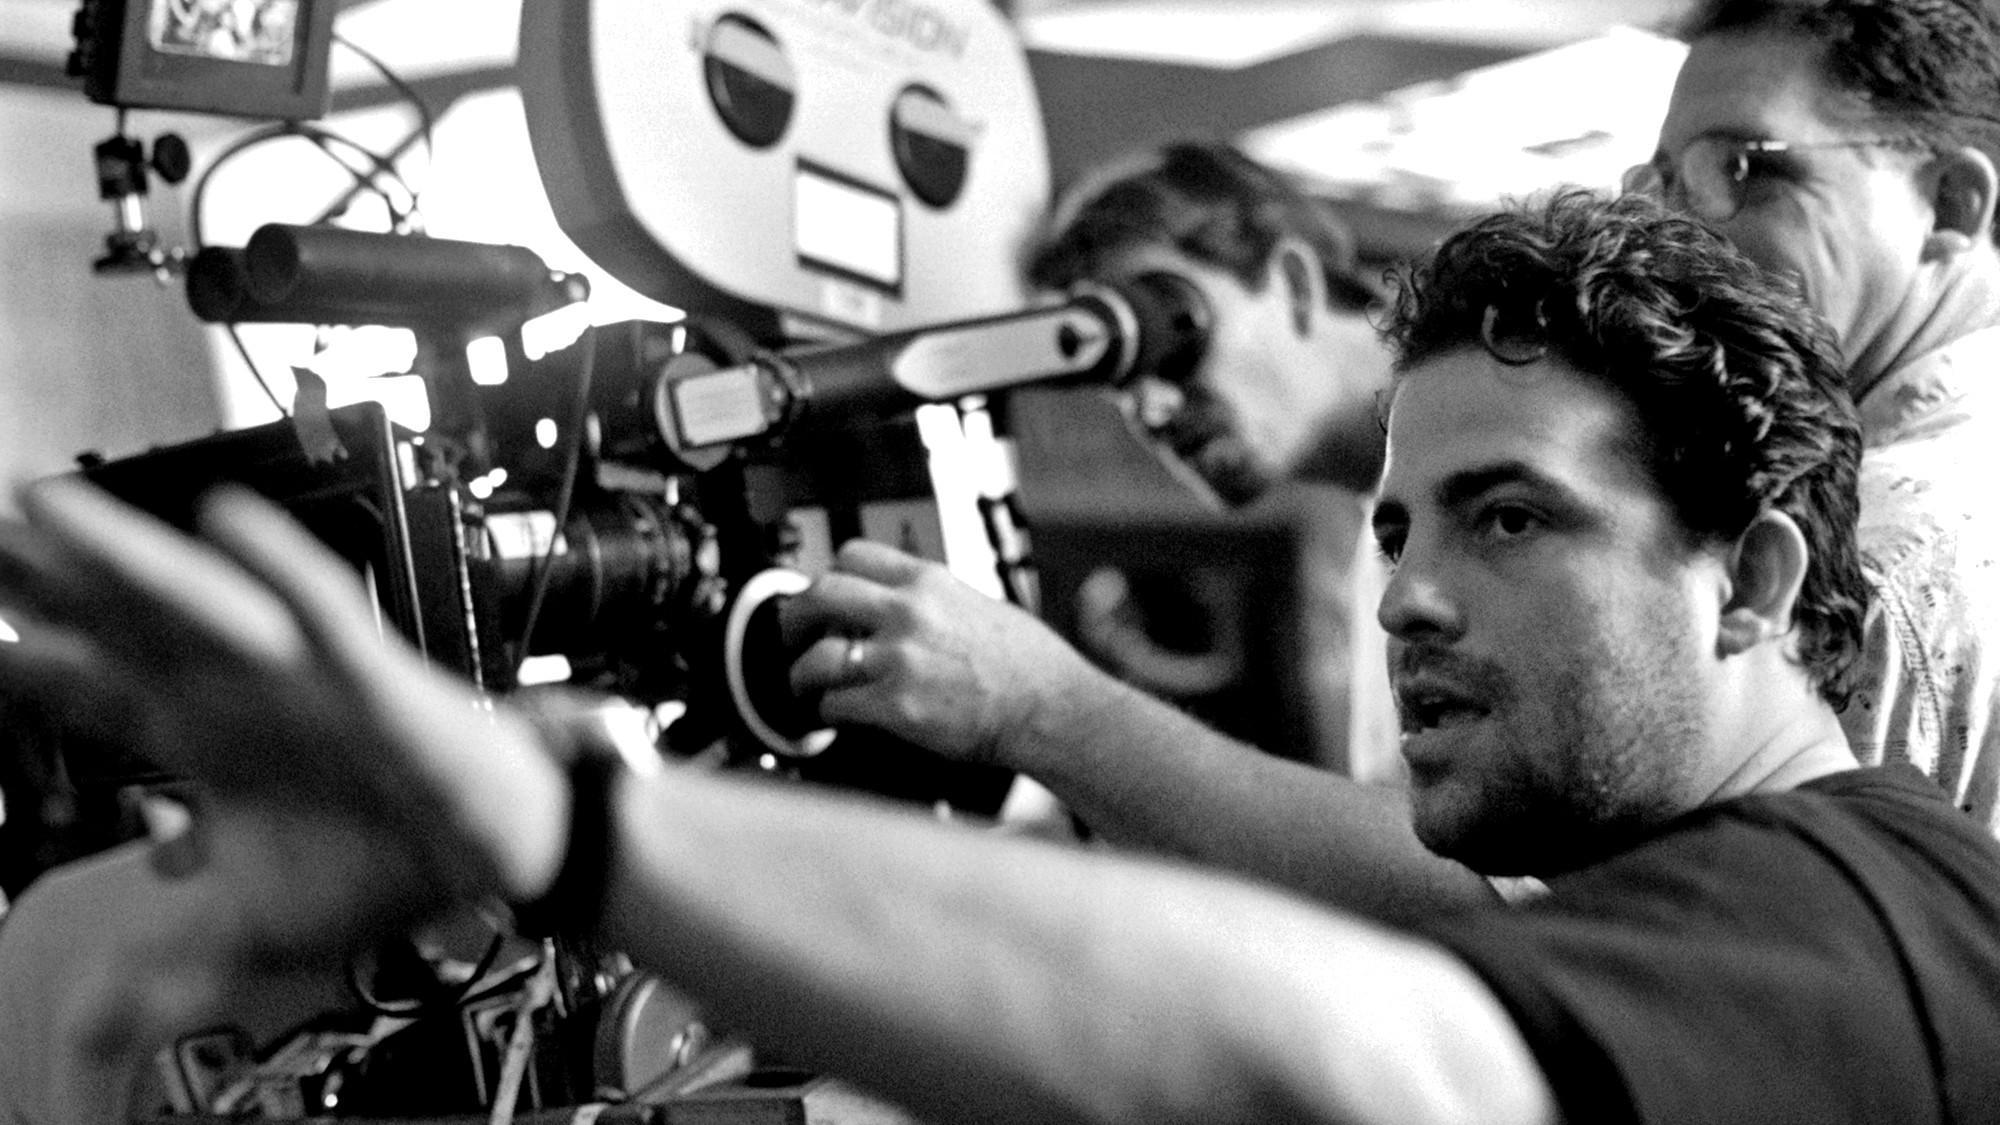 Director Brett Ratner on the set of